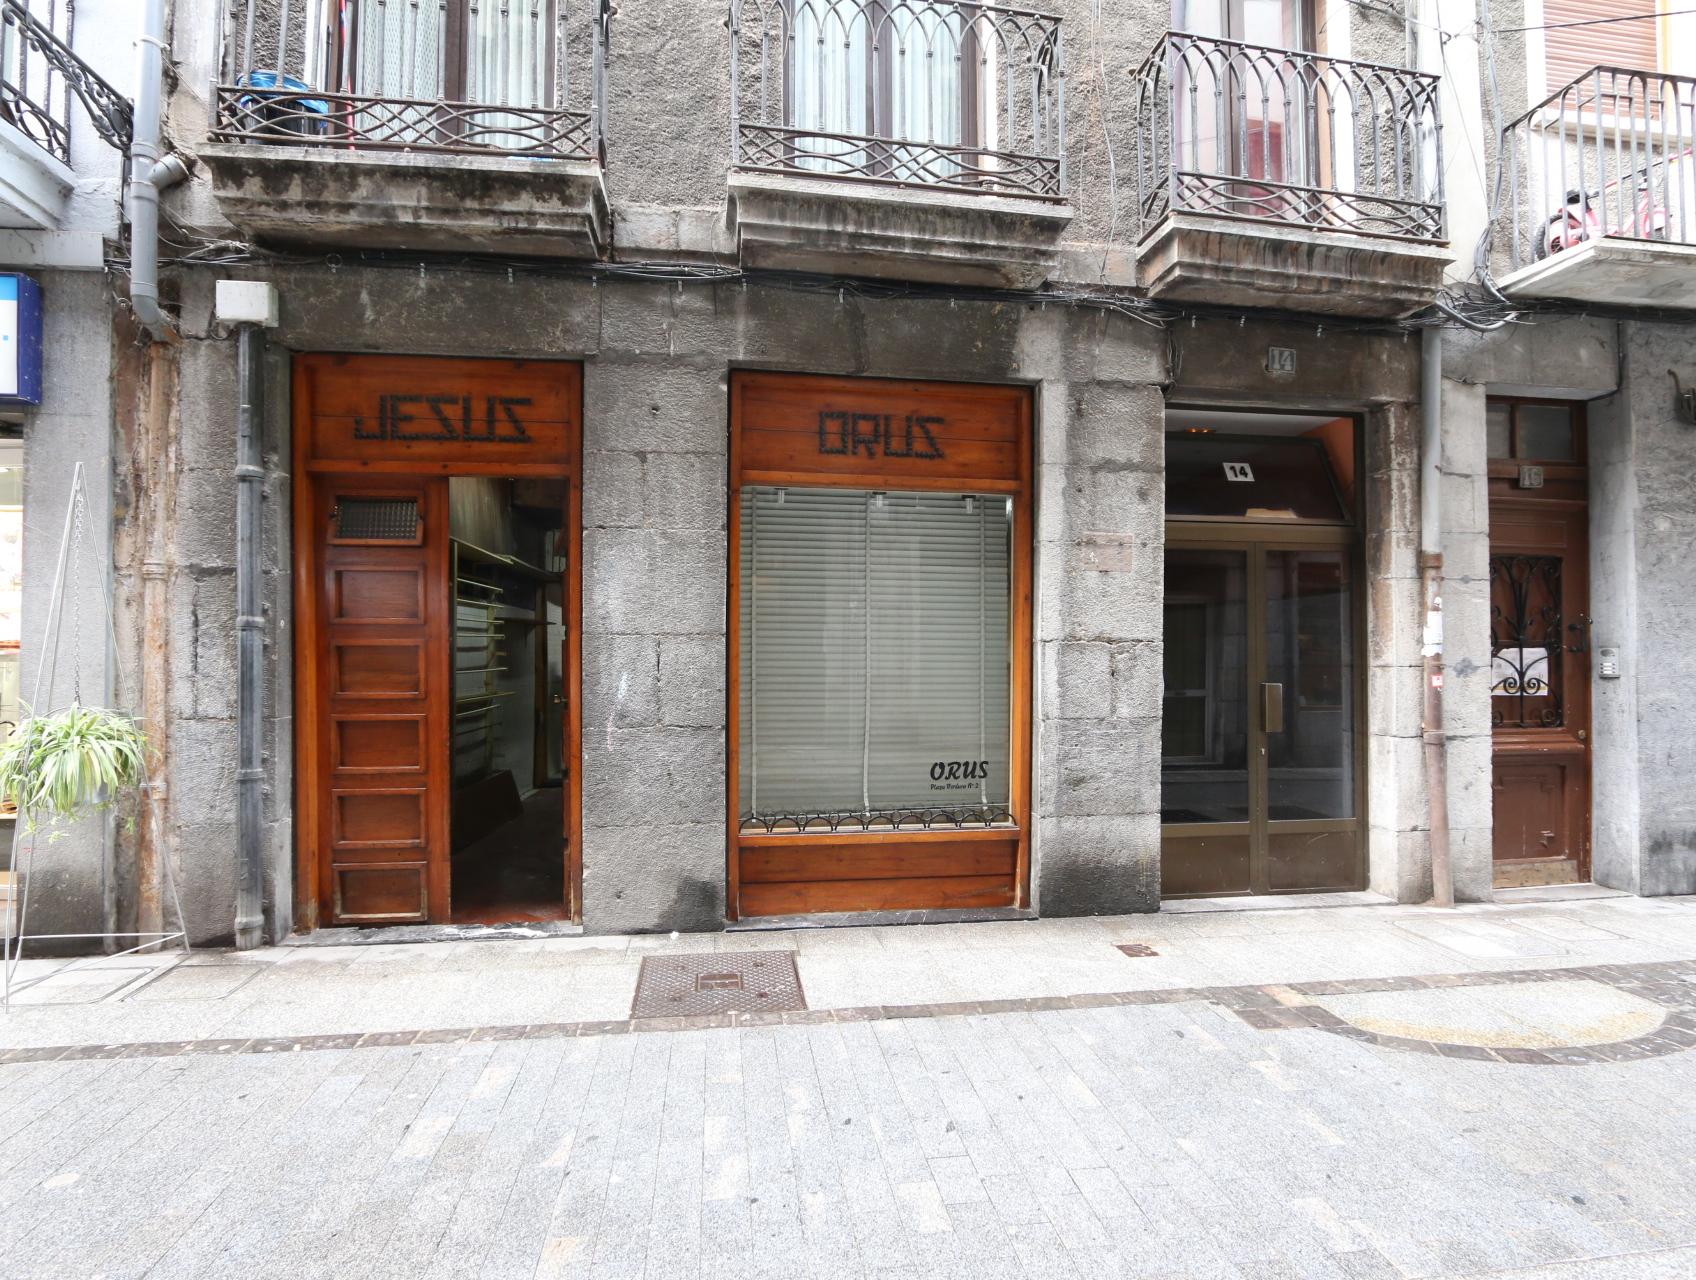 Local comercial en venta en Tolosa, Gipuzkoa